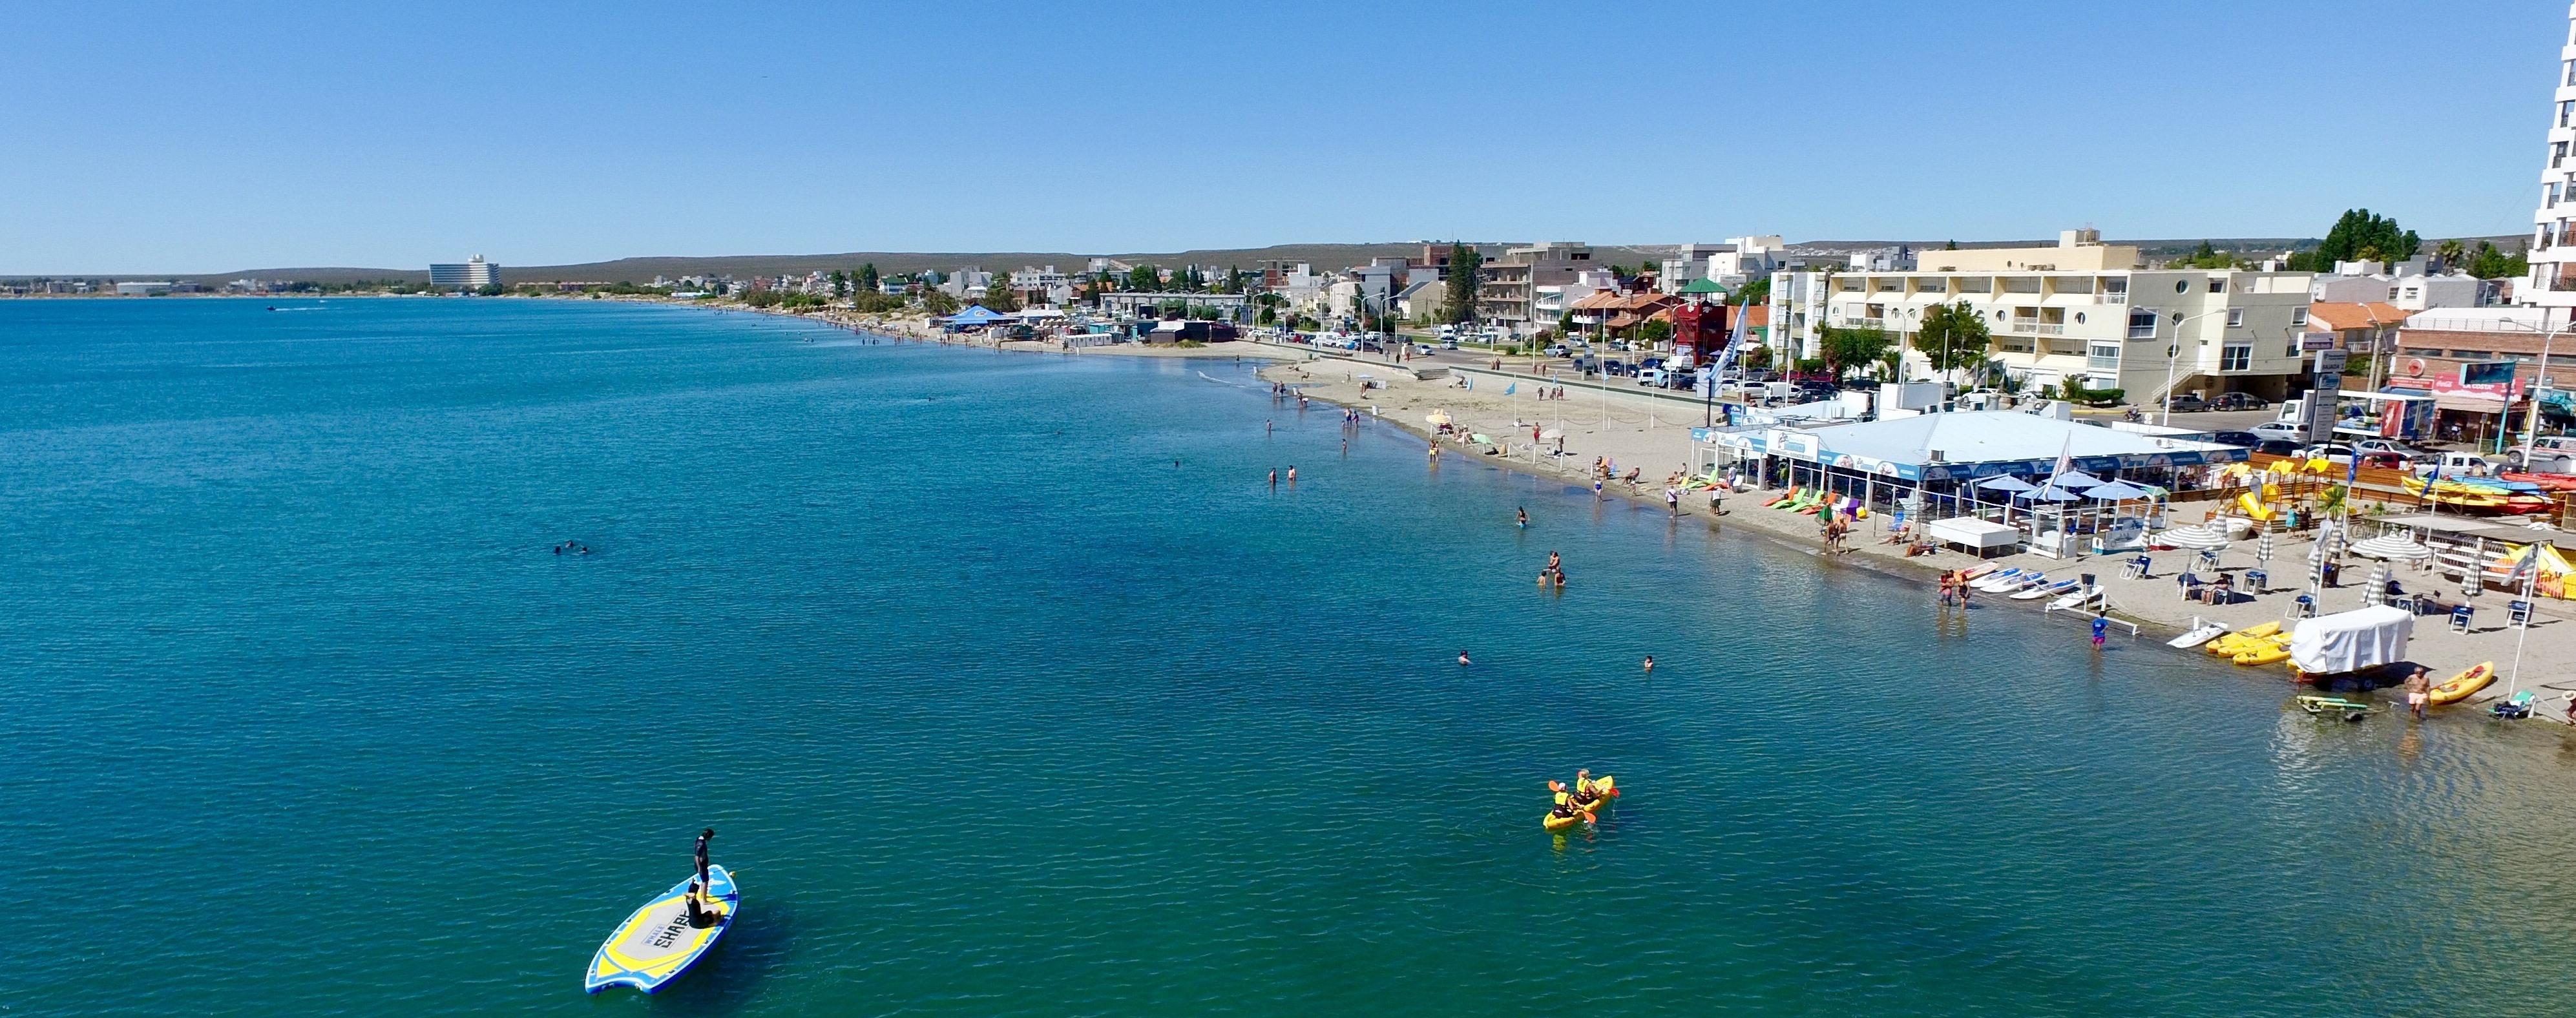 Turismo en Ciudad de Puerto Madryn